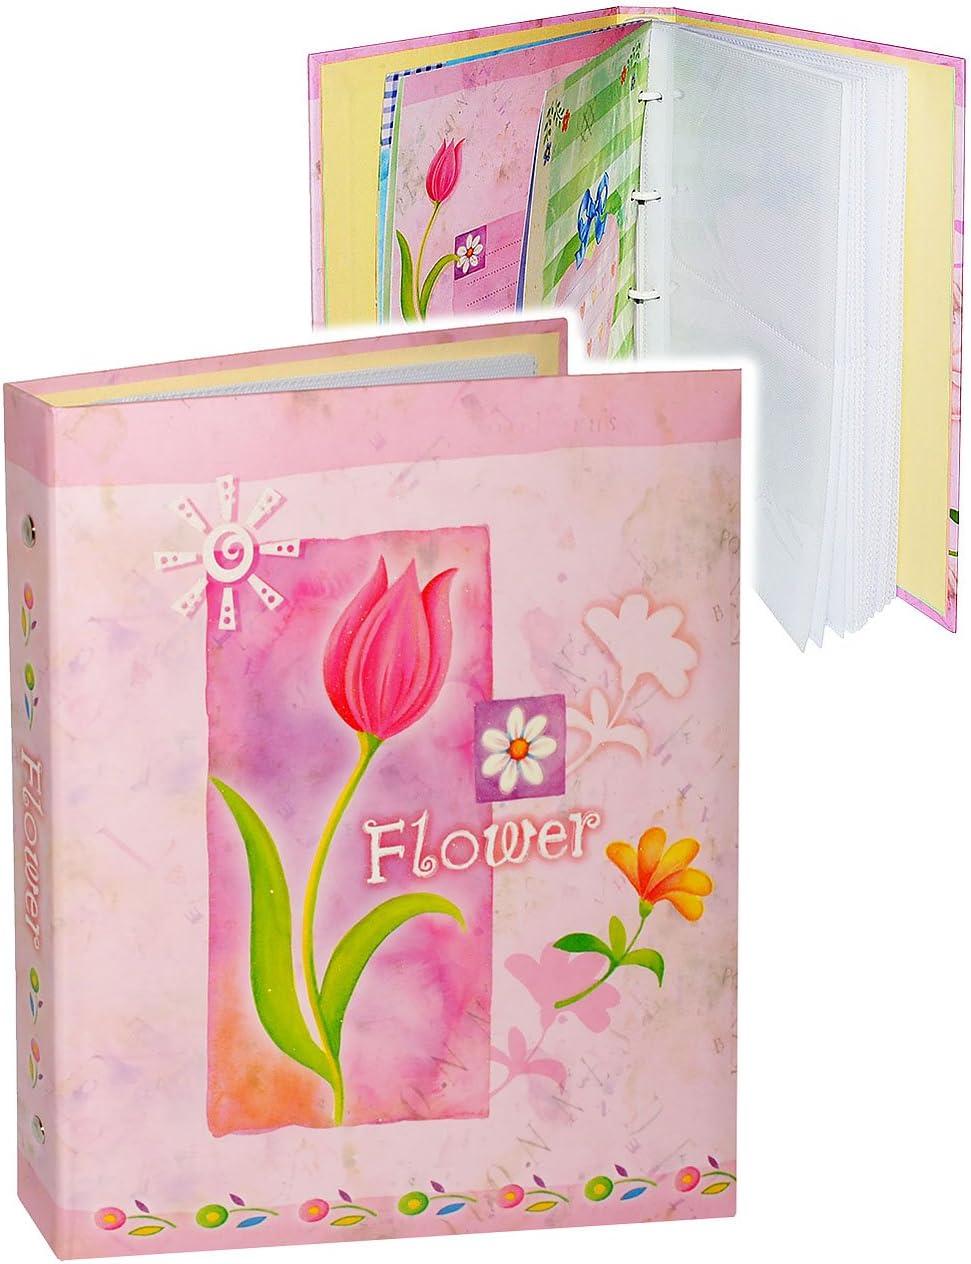 Blumen /& Bl/üten zum Einstecken .. incl beliebig erweiterbar // Ringbuch 10x15 /& 11x15 f/ür bis zu 80 Bilder bunt Name alles-meine.de GmbH Einsteckalbum // Fotoalbum